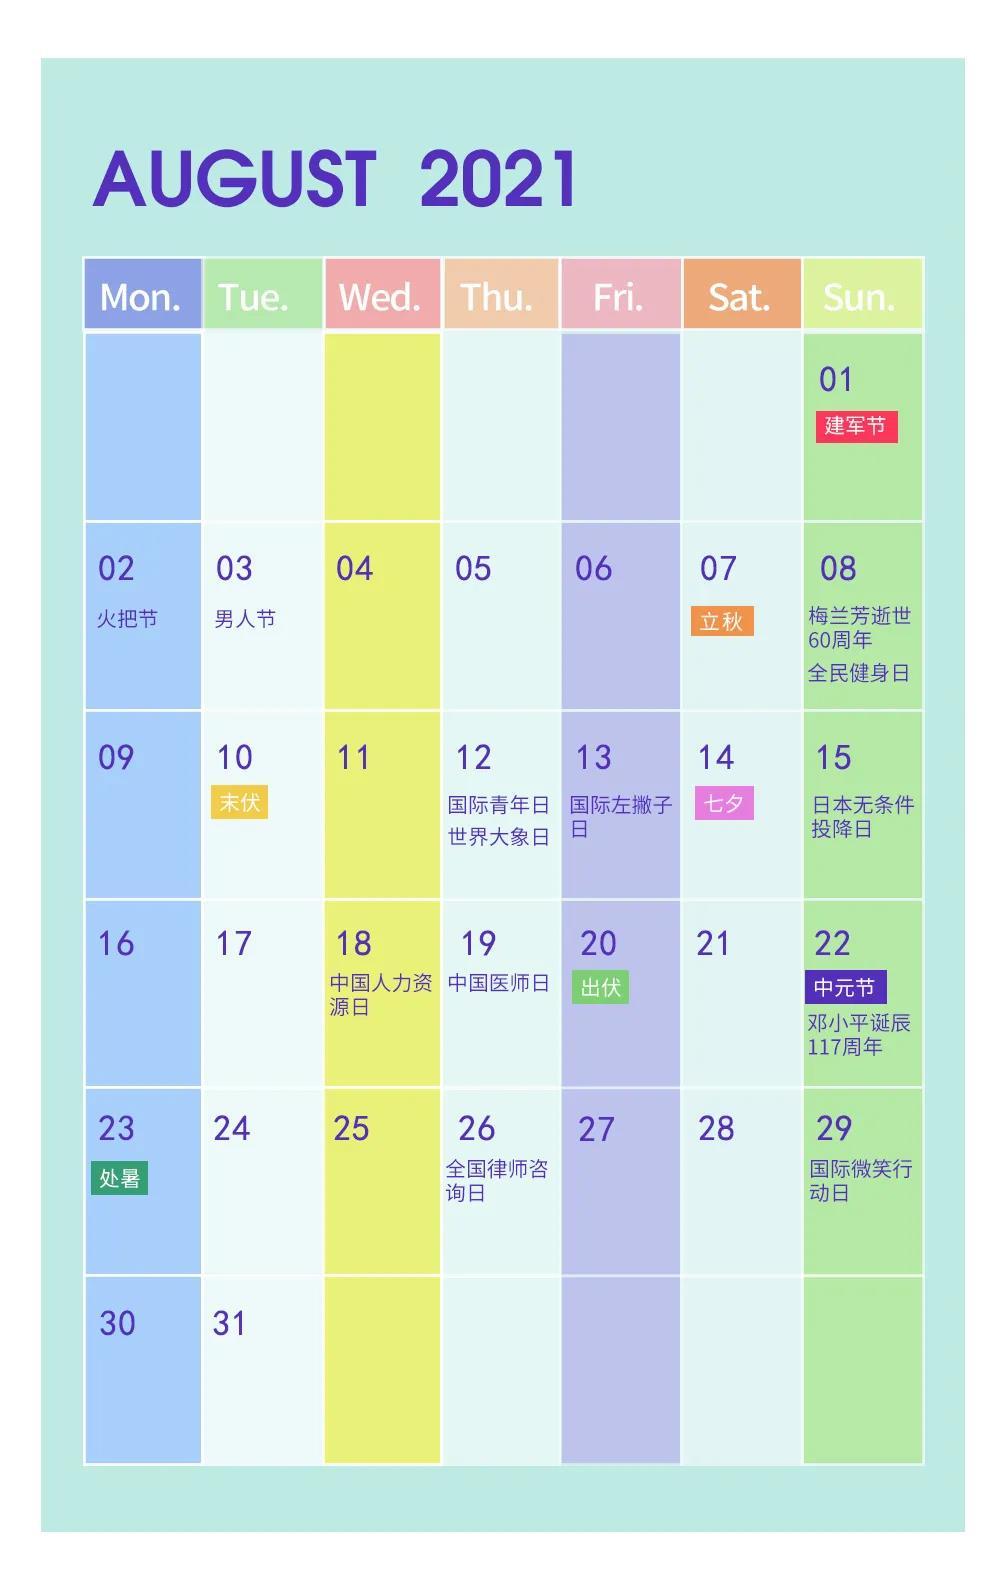 【企叮咚科技平台营销策略】收好这份8月营销日历,让你的门店逢节必旺!